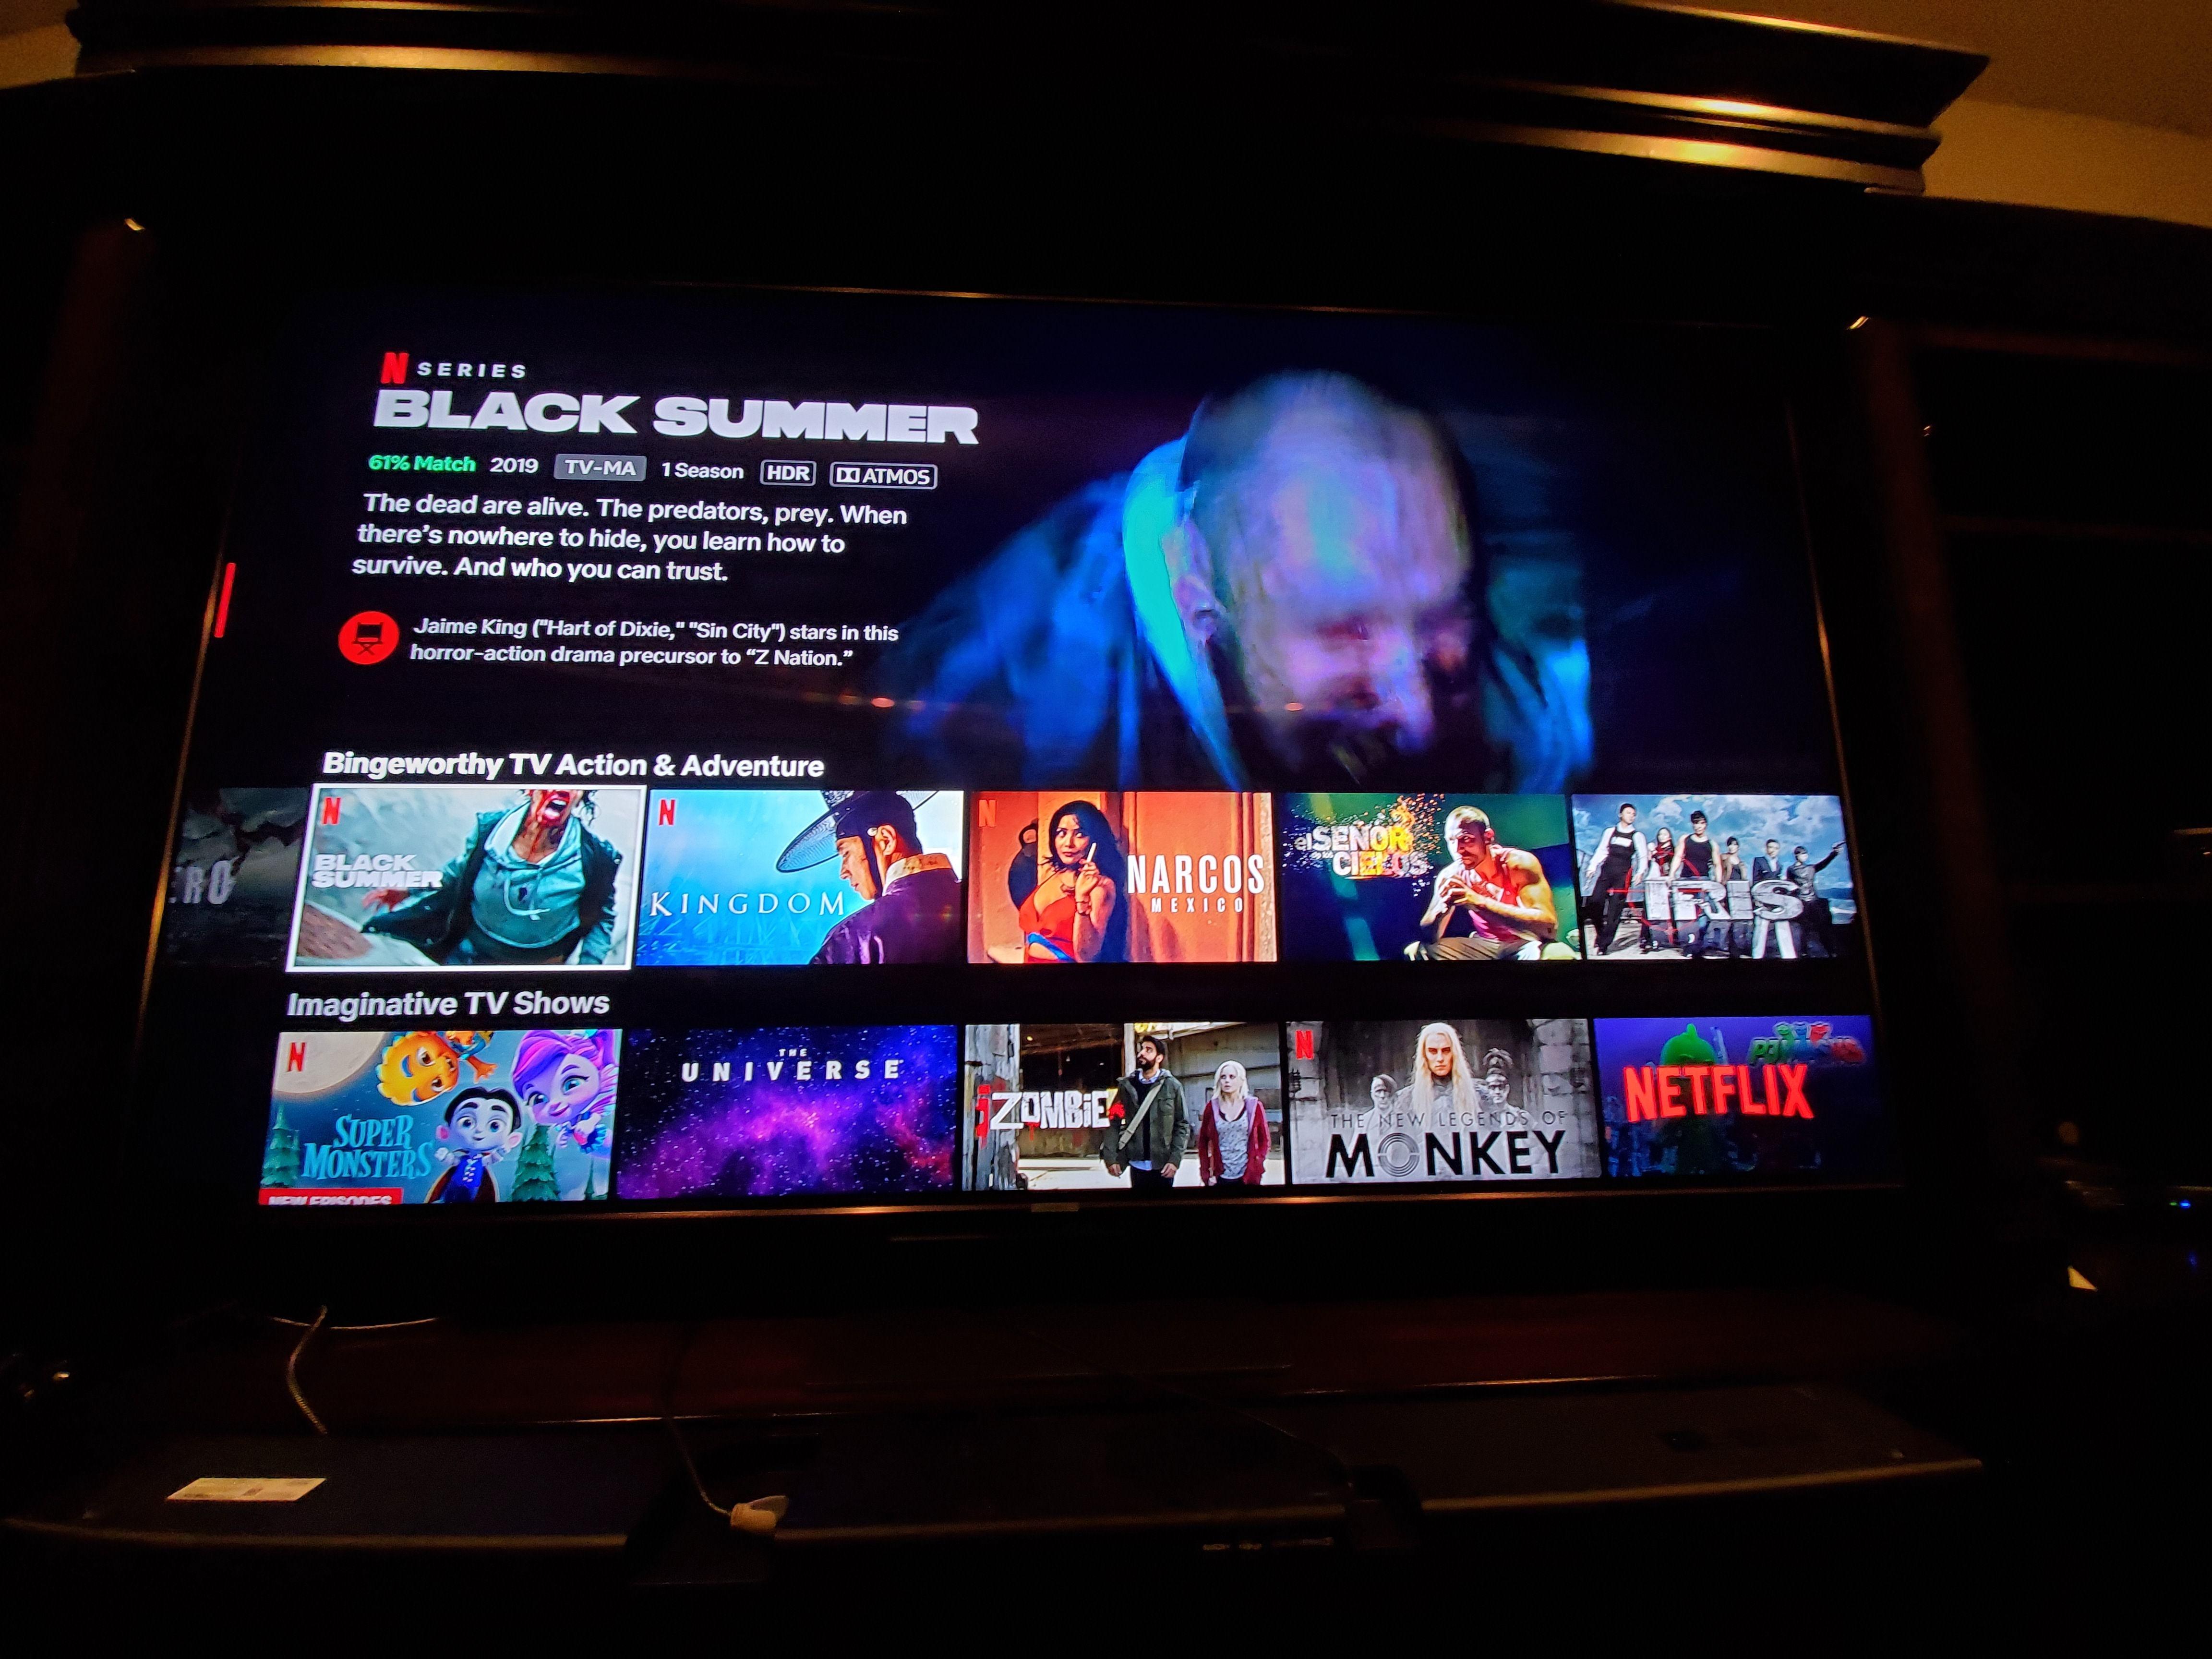 Netflix Atmos